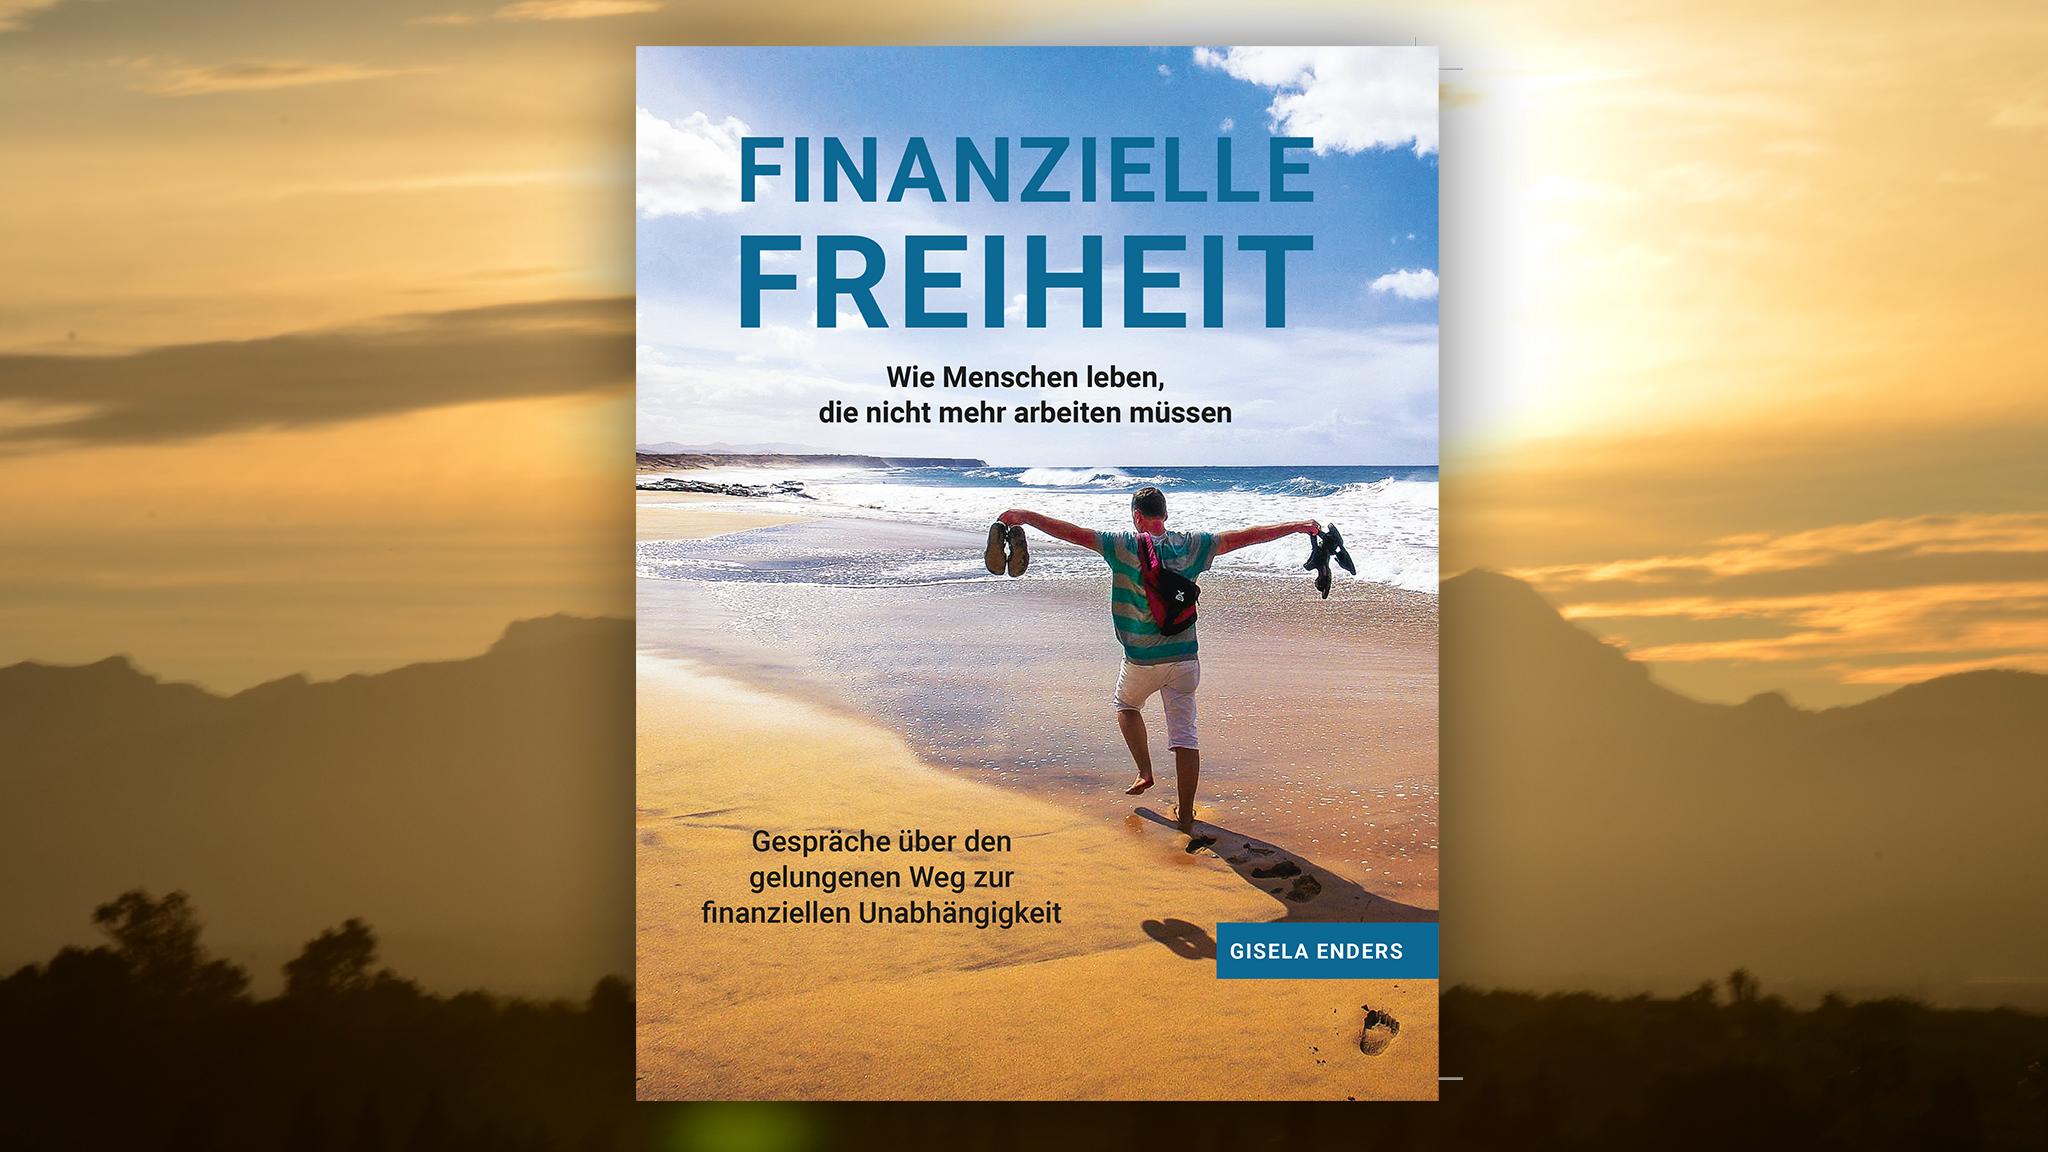 Finanzielle Freiheit – Ein Buch über Leute, die es geschafft haben (oder auf dem Weg sind)